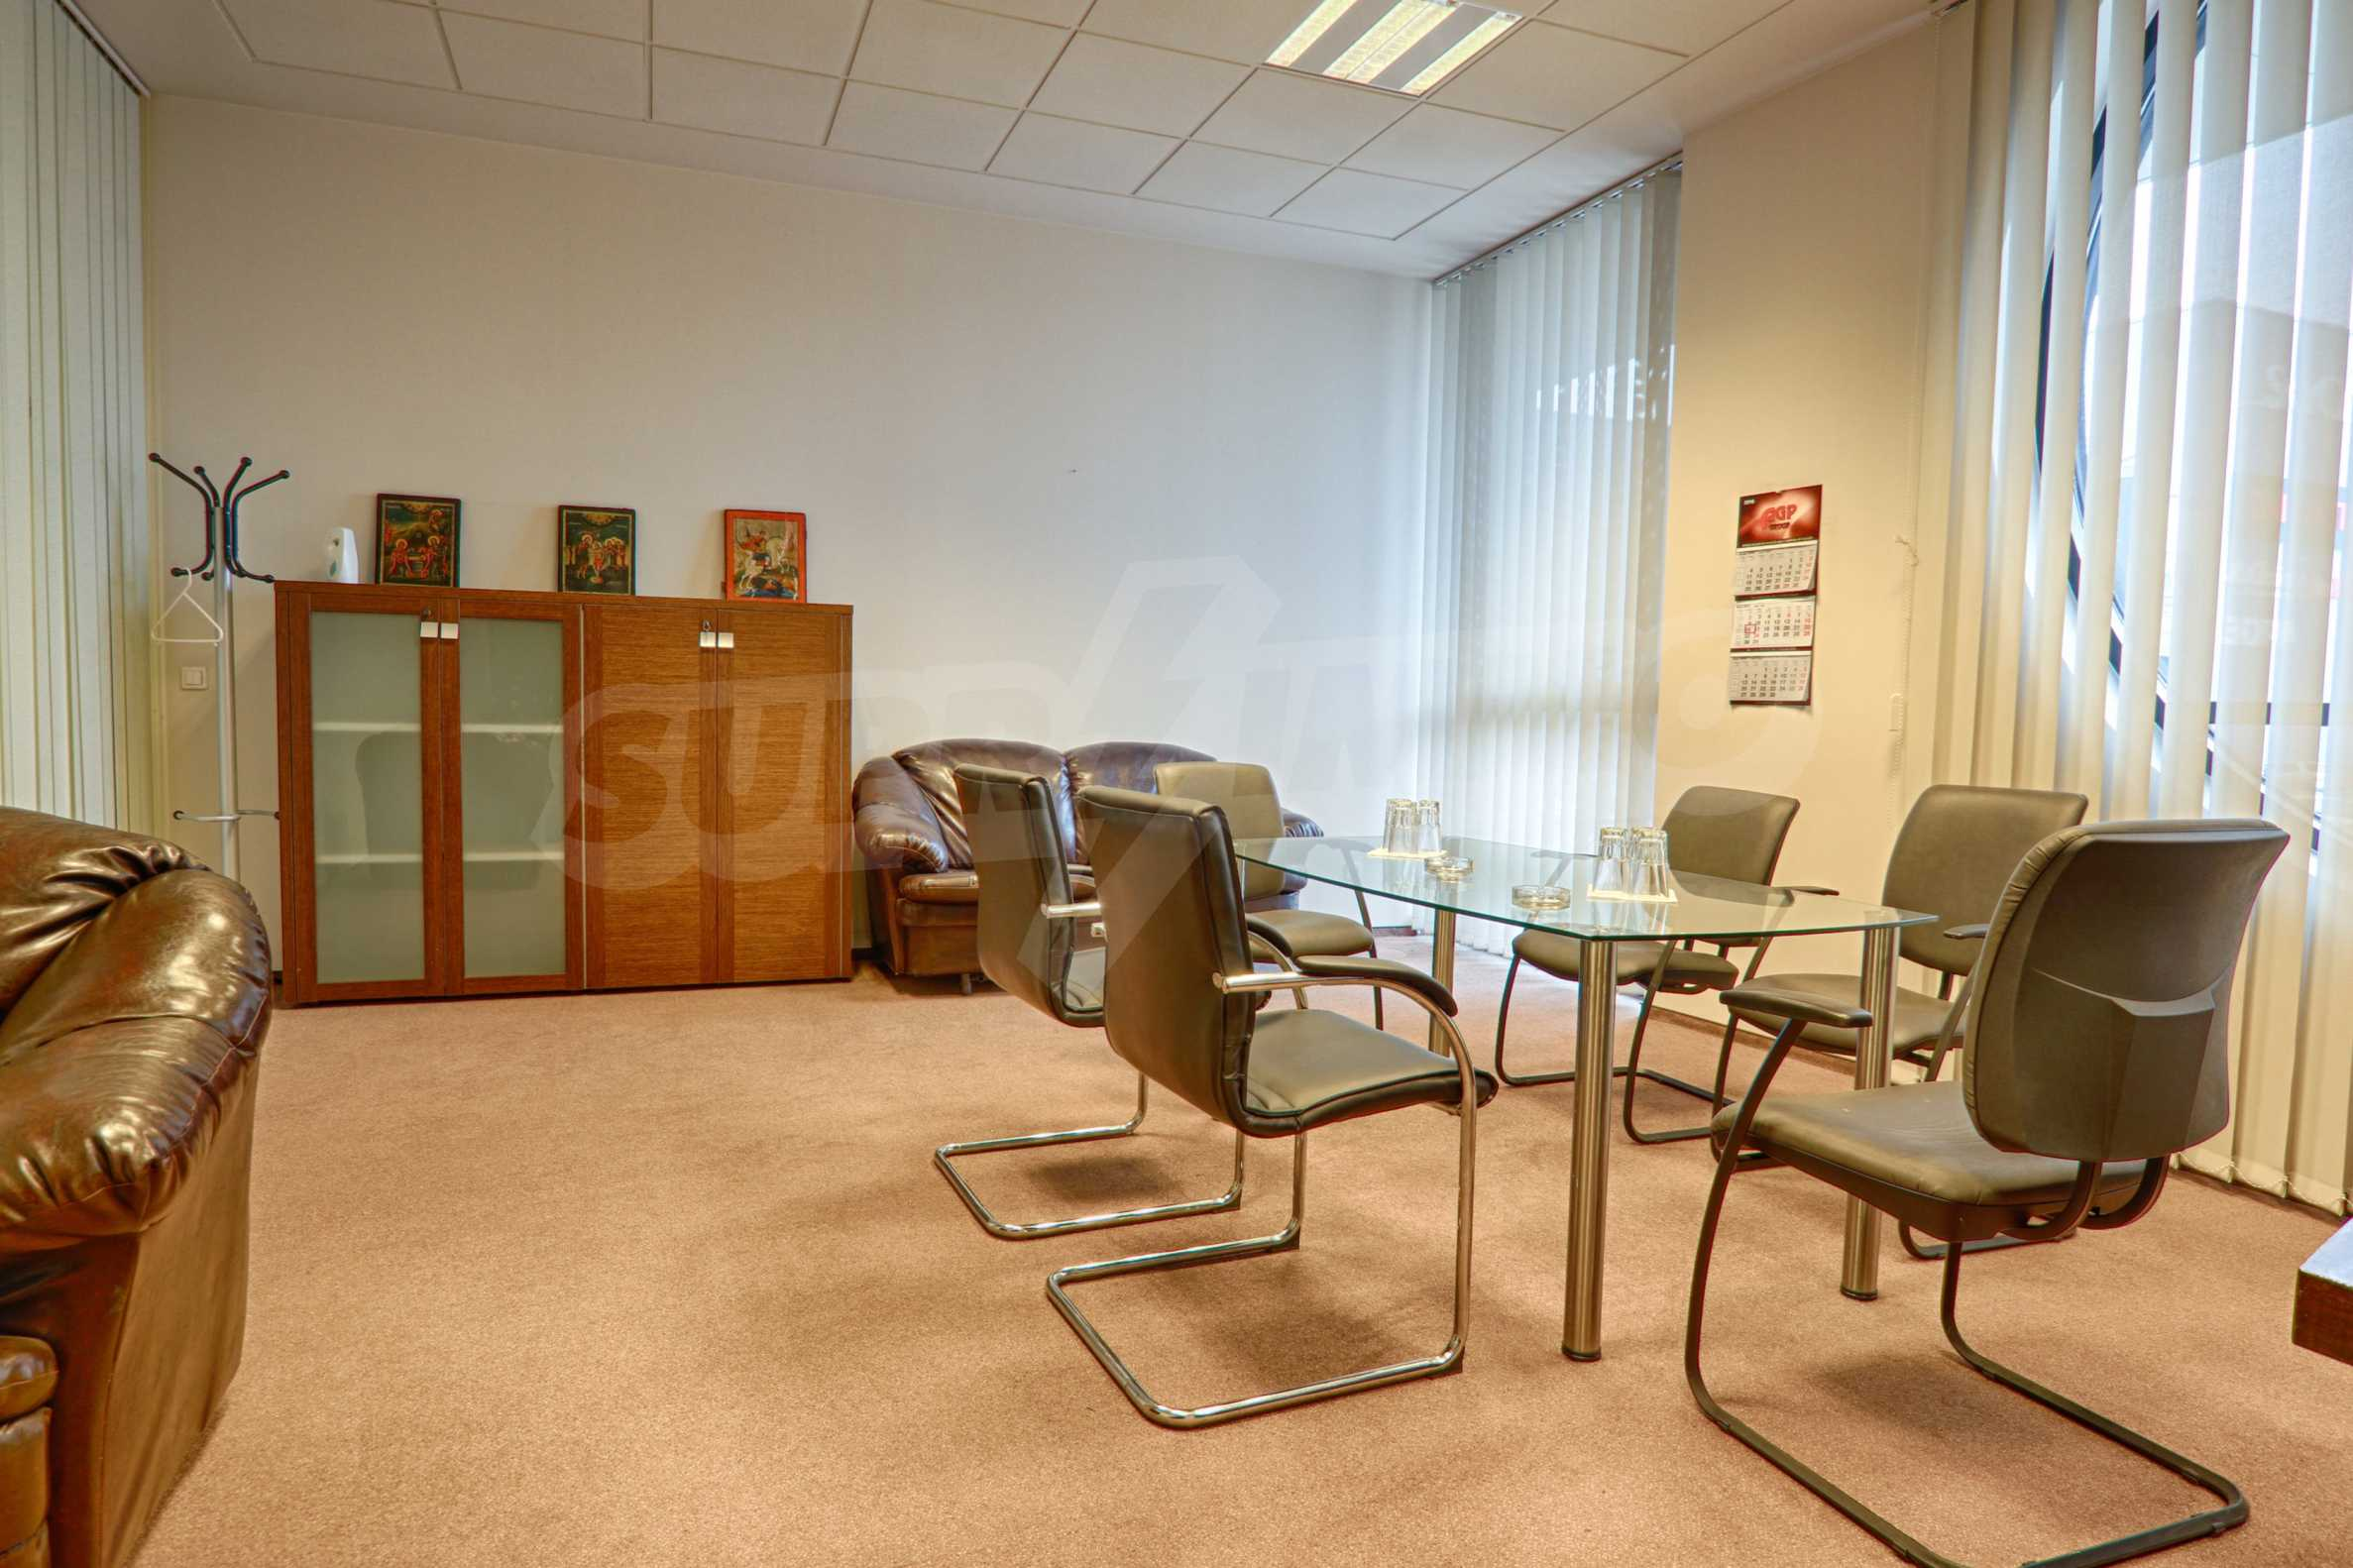 Впечатляващ офис до хотел Плиска 16